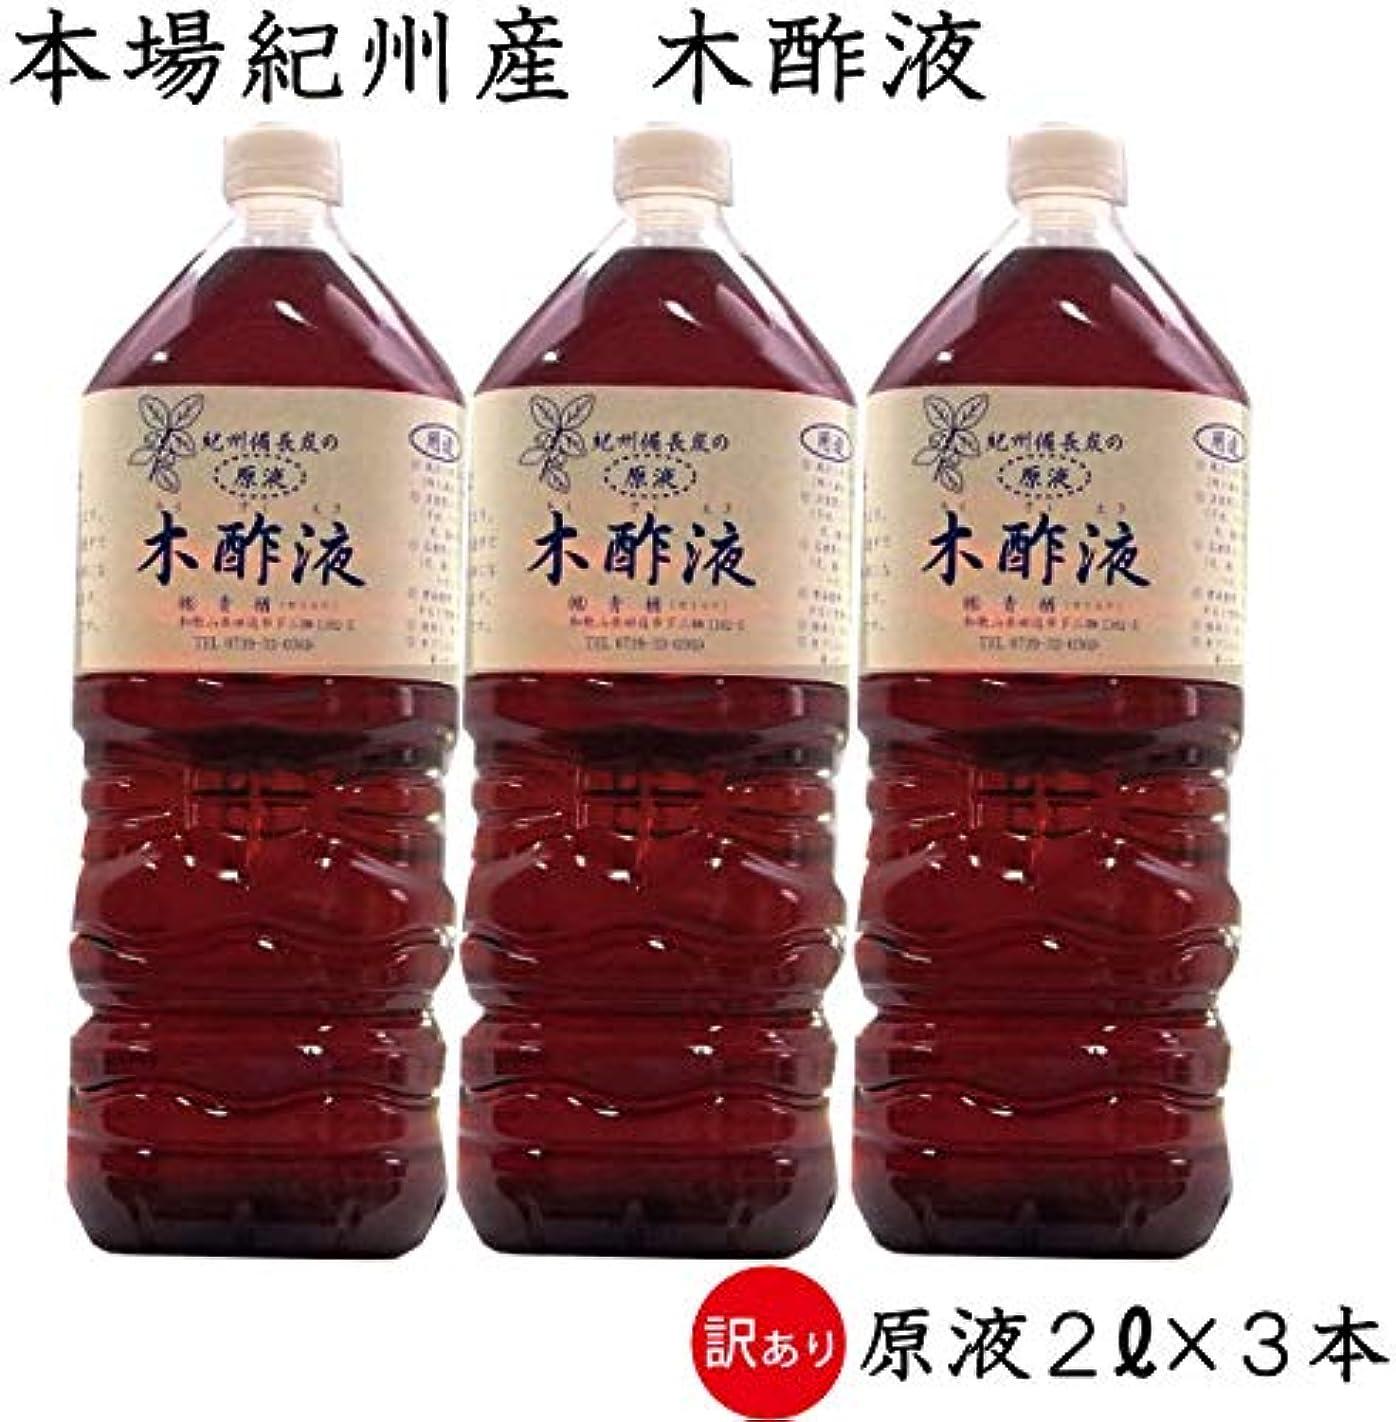 松の木飛躍五十木酢液 2L×3本 お得 リユース品 紀州備長炭 原液 本場 入浴 お風呂用